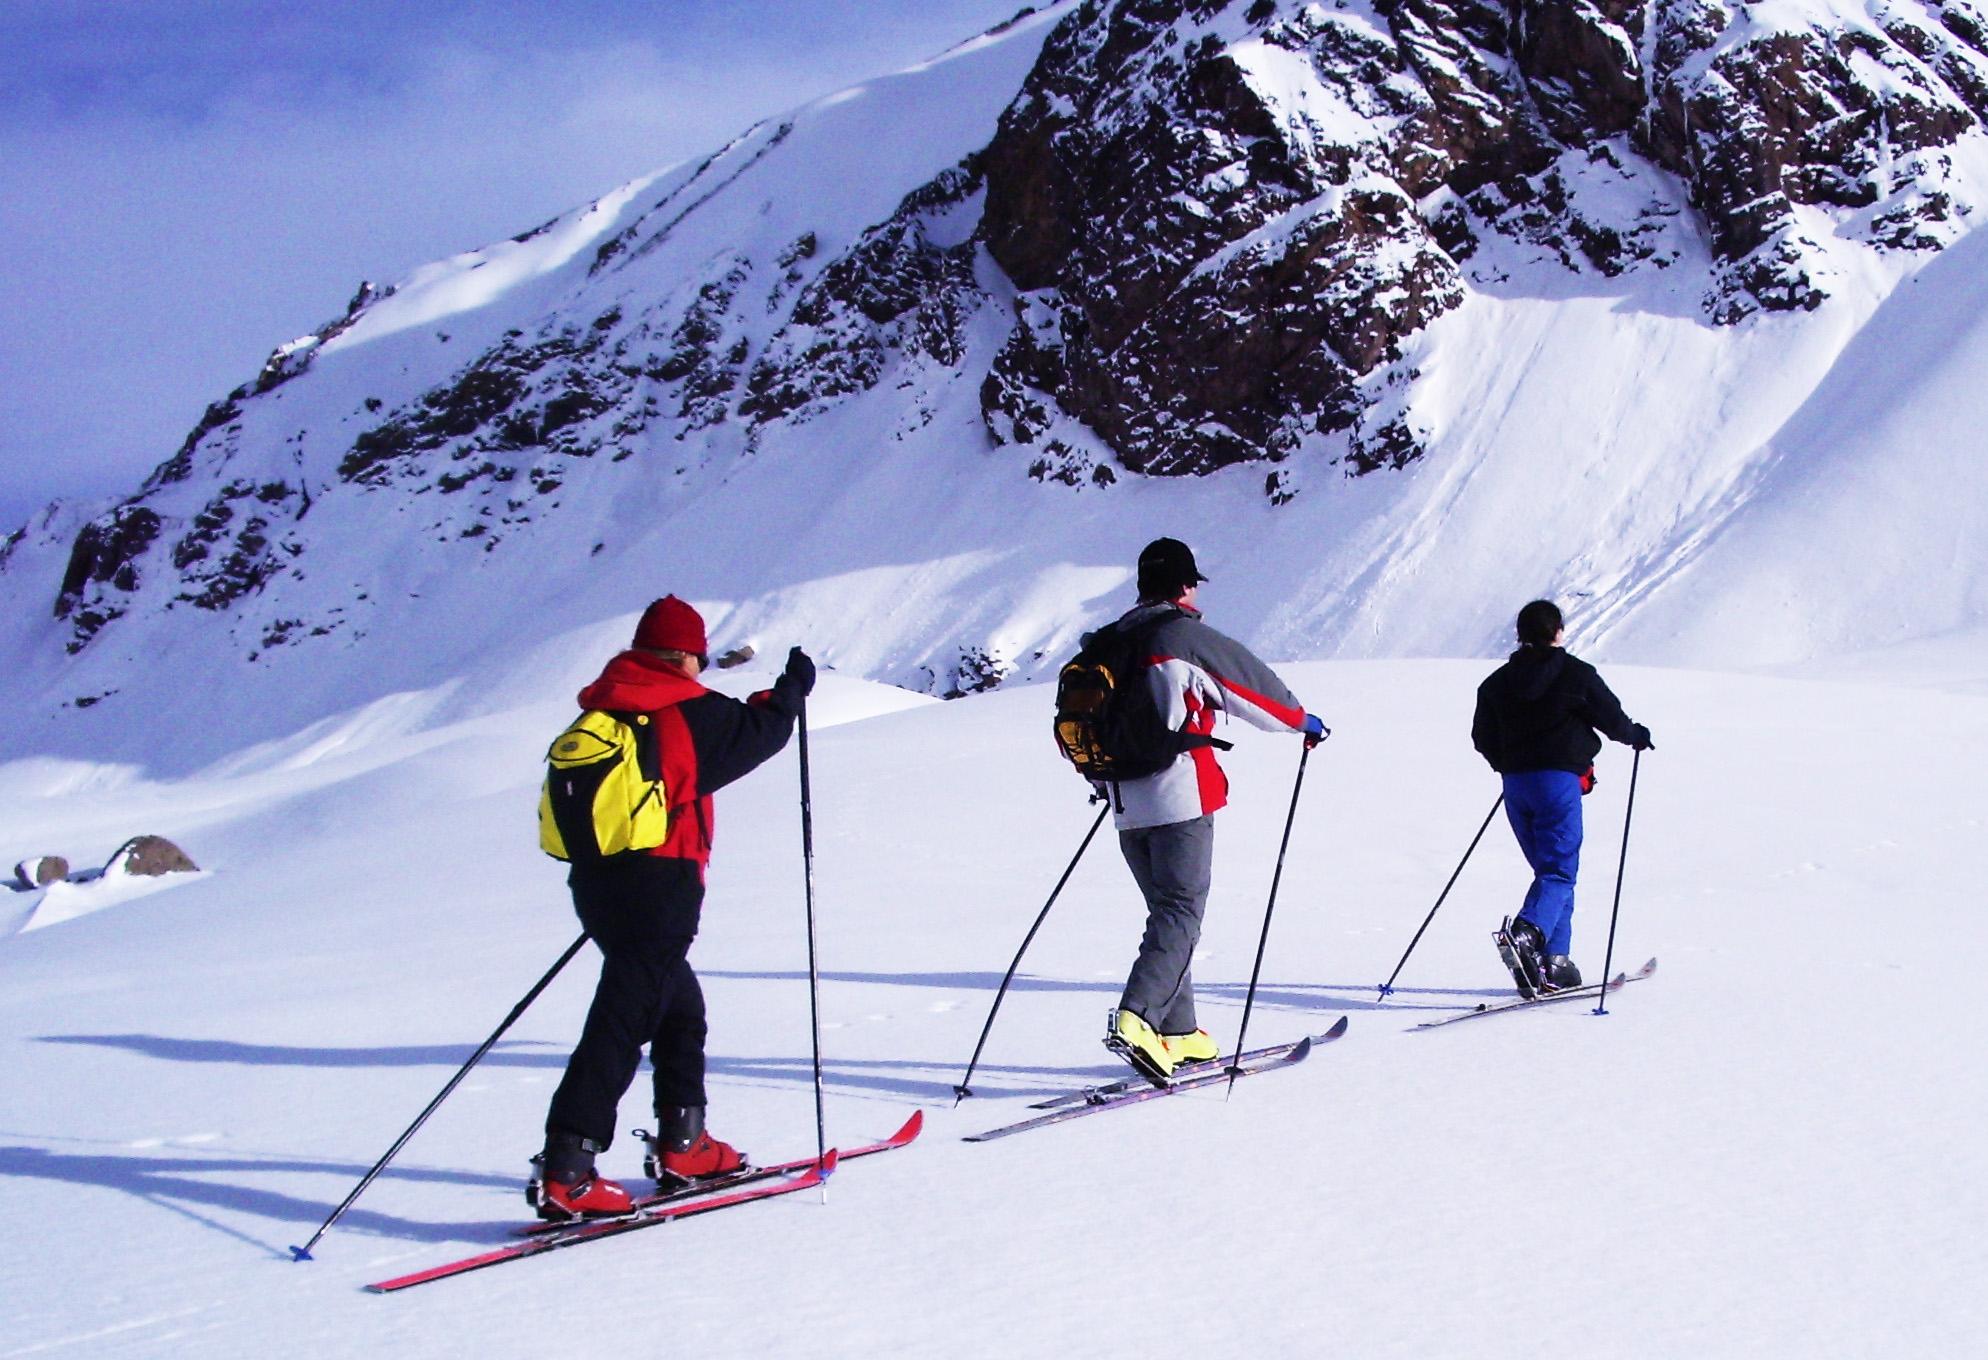 Esquí de travesía es una posibilidad que se baraja en el Parque Aconcagua. (PH: Gentileza Luis Salvarredi Via Pöhl)